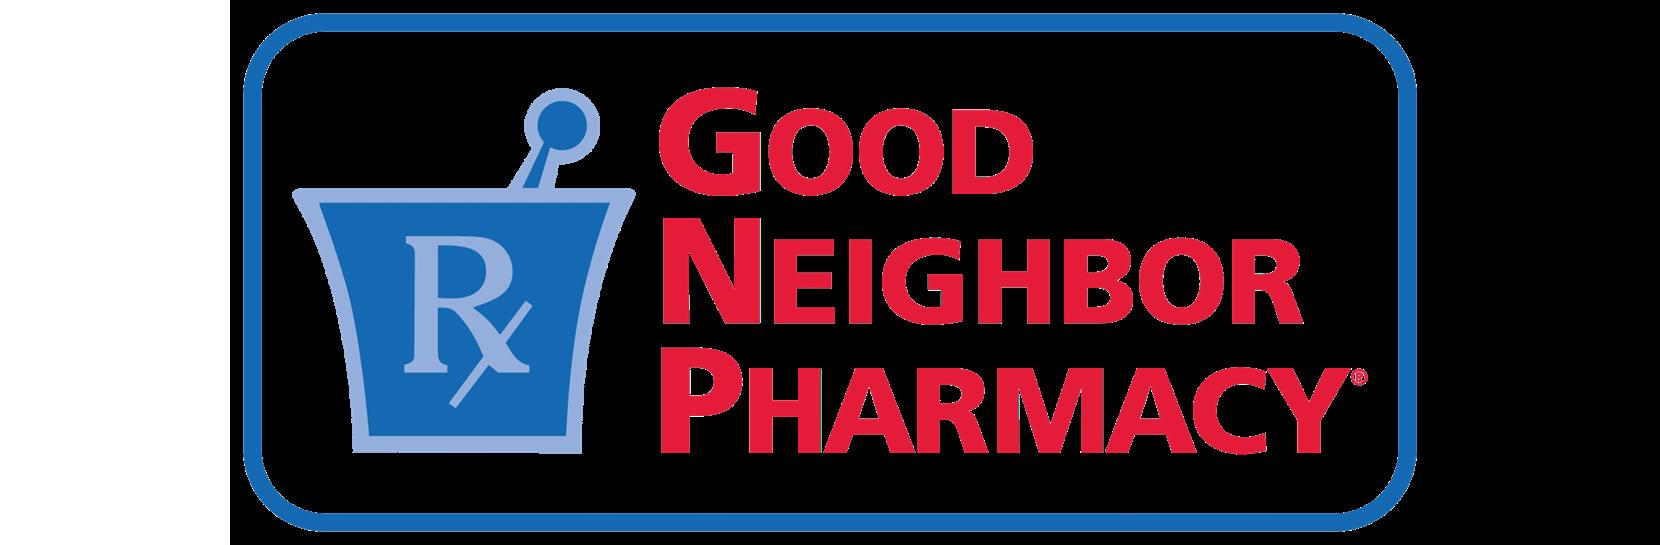 Asti's Pharmacy of South Hills is a Good Neighbor Pharmacy